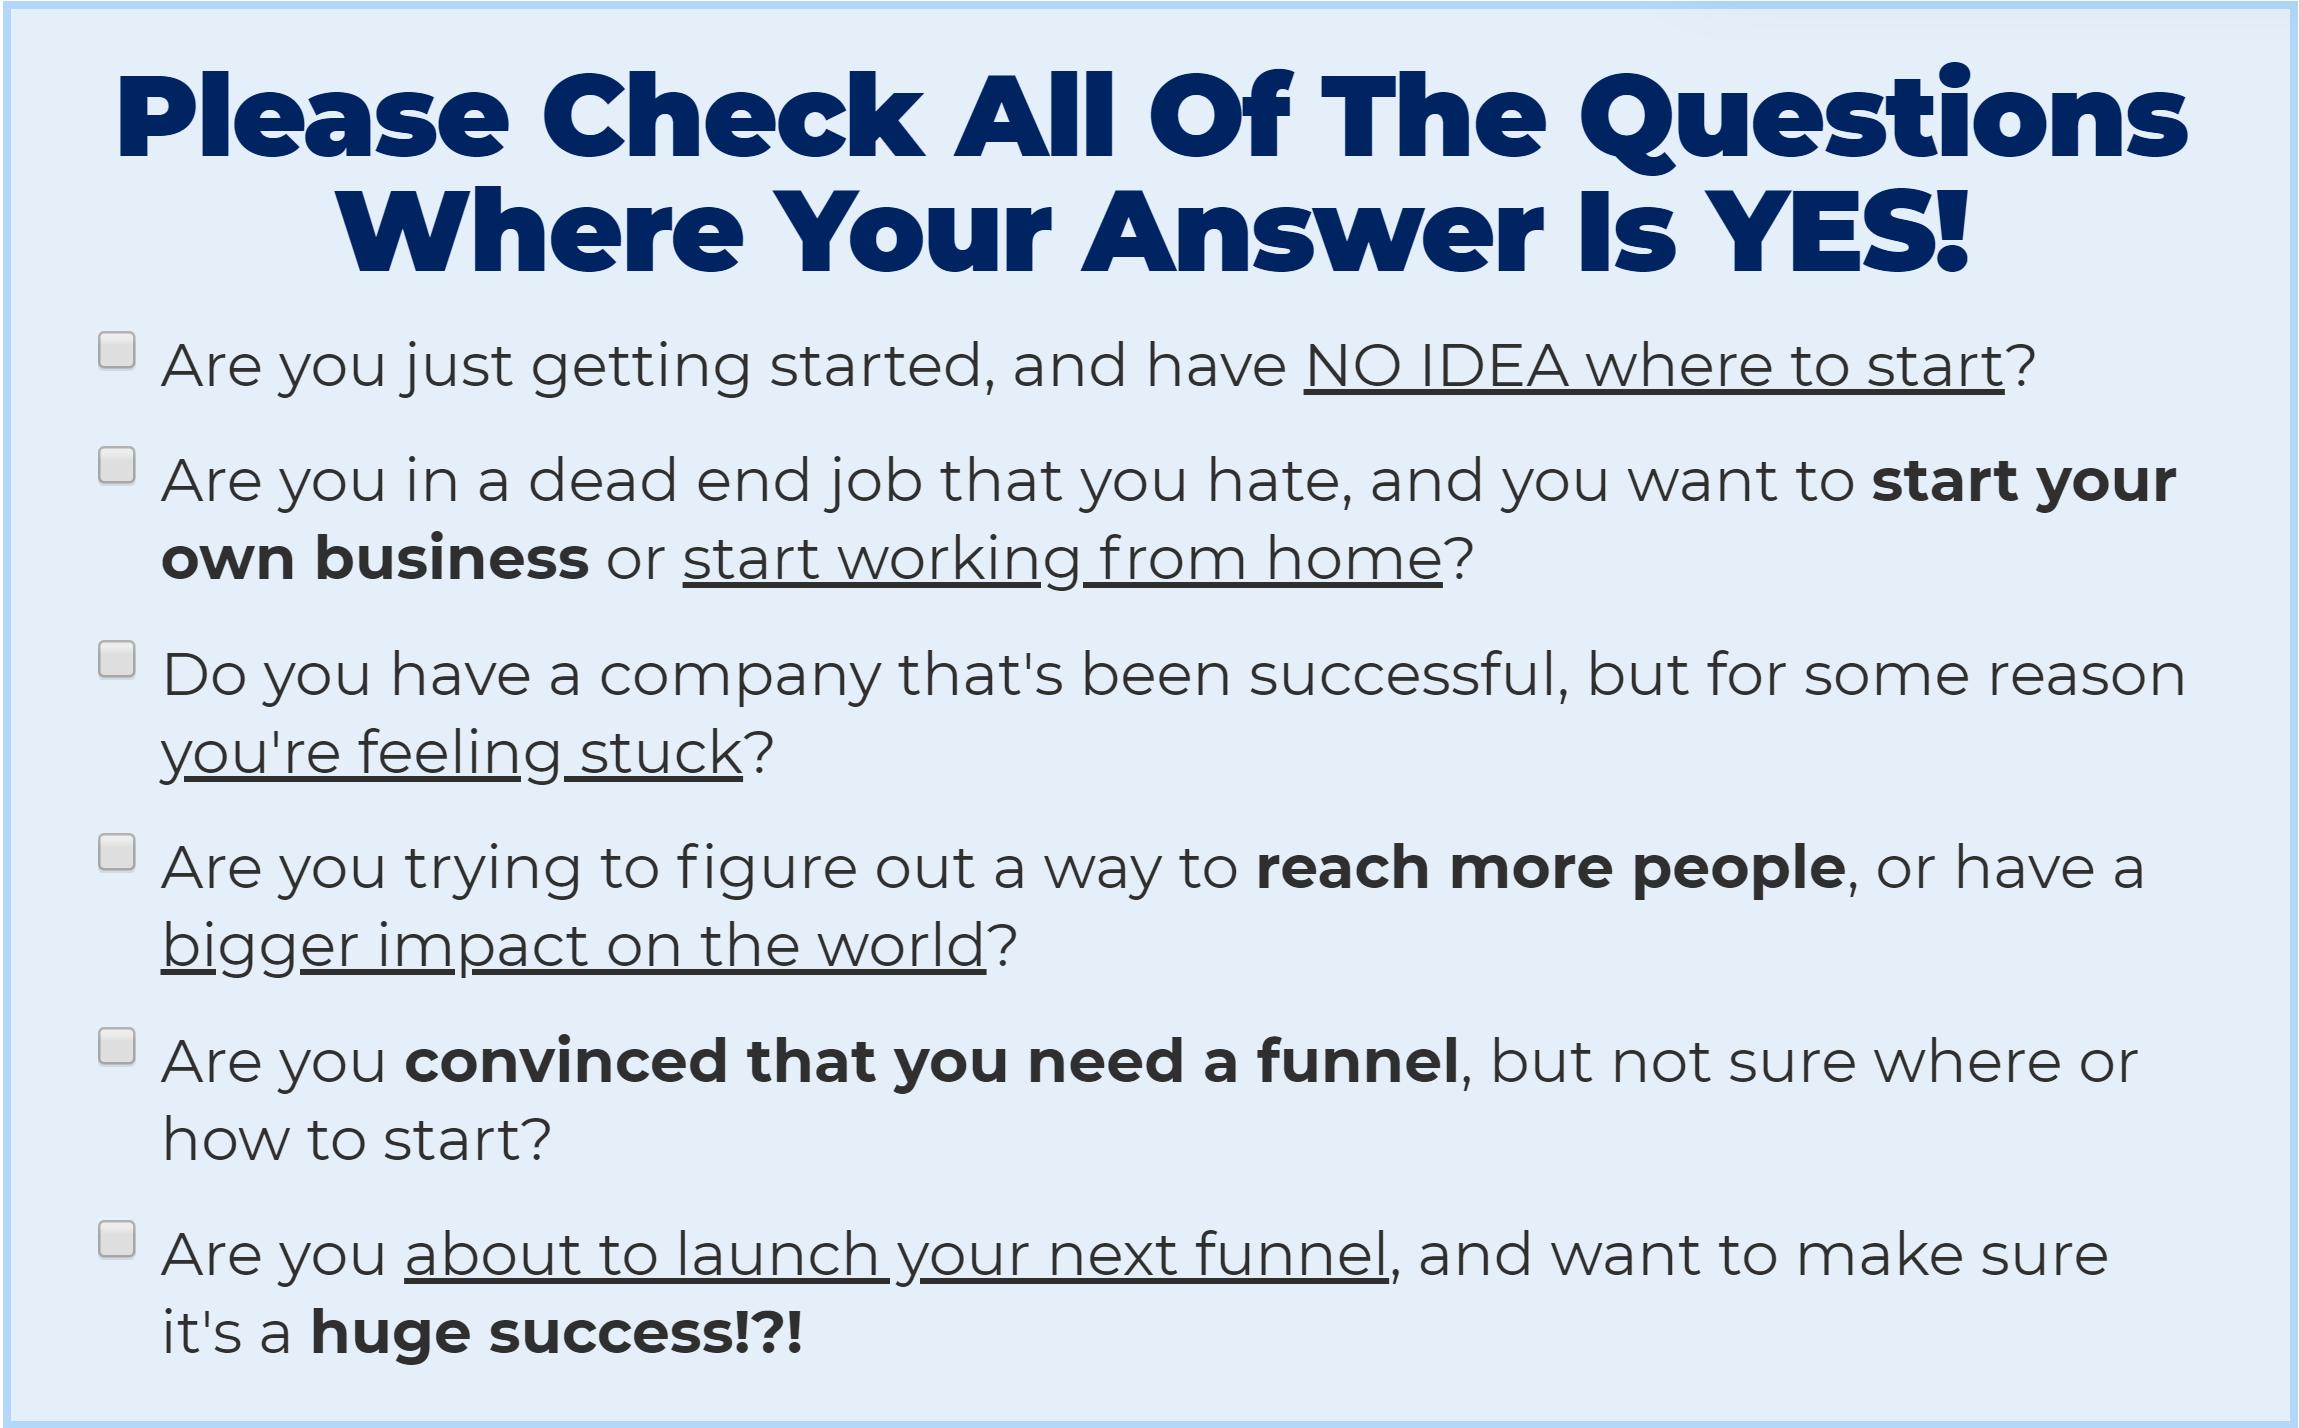 OFA survey questions